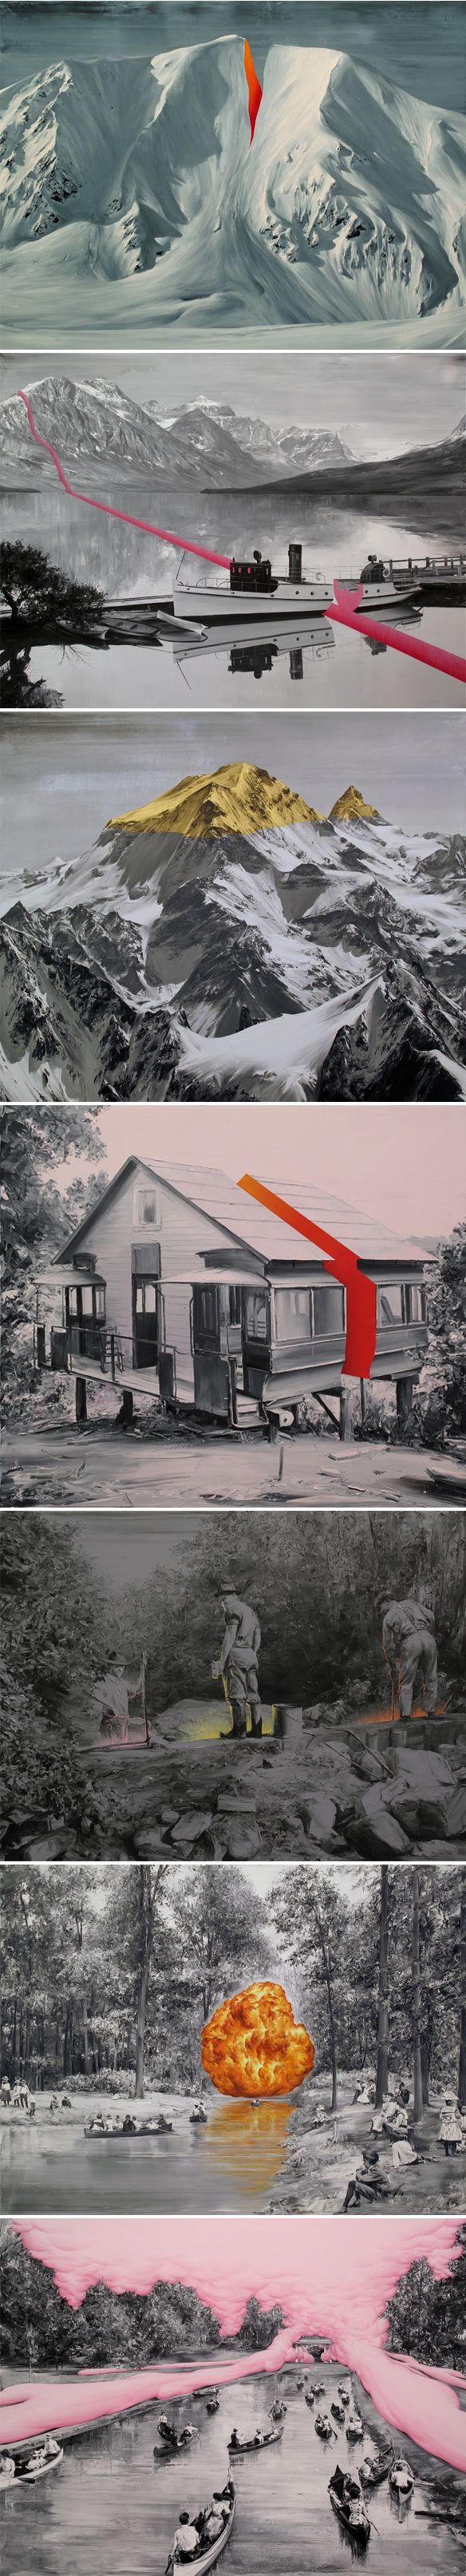 paco pomet Un collage merveilleusement artistique une vraie séquence avec un fil conducteur. #Collage